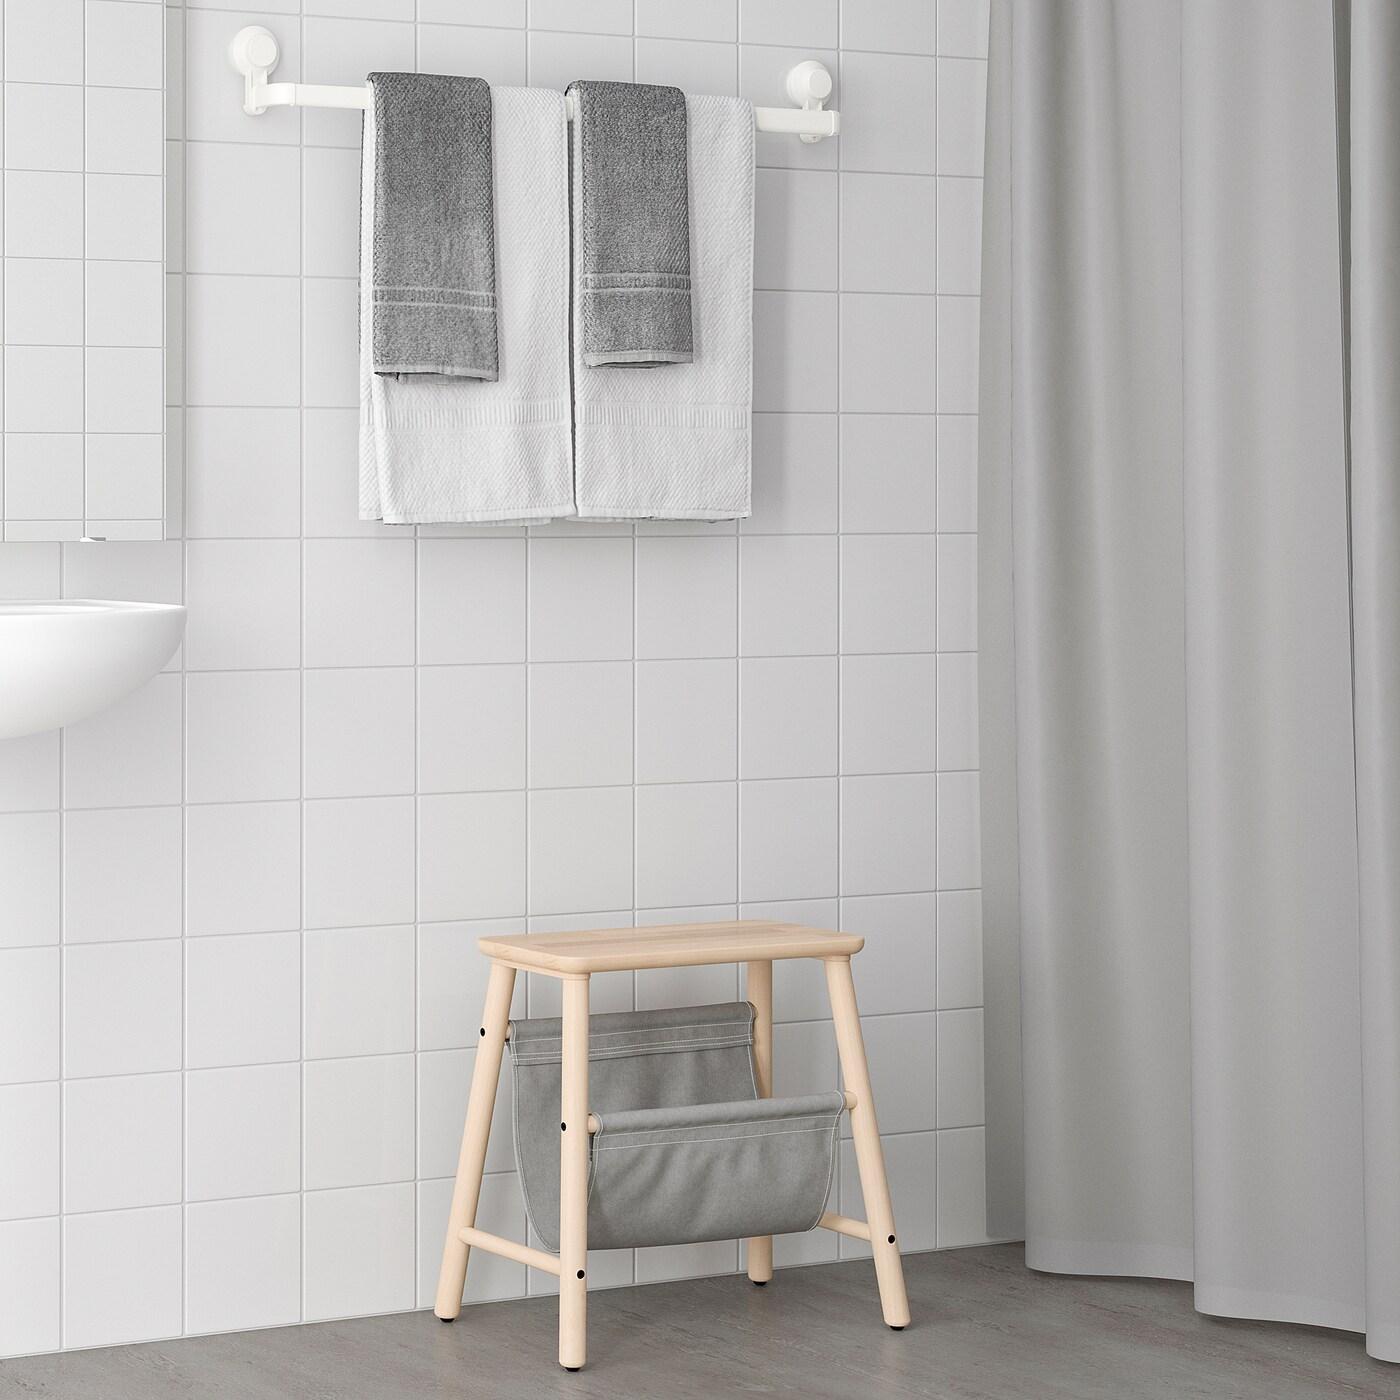 Full Size of Handtuchhalter Ikea Tisken Mit Saugnapf Wei Deutschland Küche Bad Modulküche Kaufen Sofa Schlaffunktion Betten 160x200 Kosten Miniküche Bei Wohnzimmer Handtuchhalter Ikea